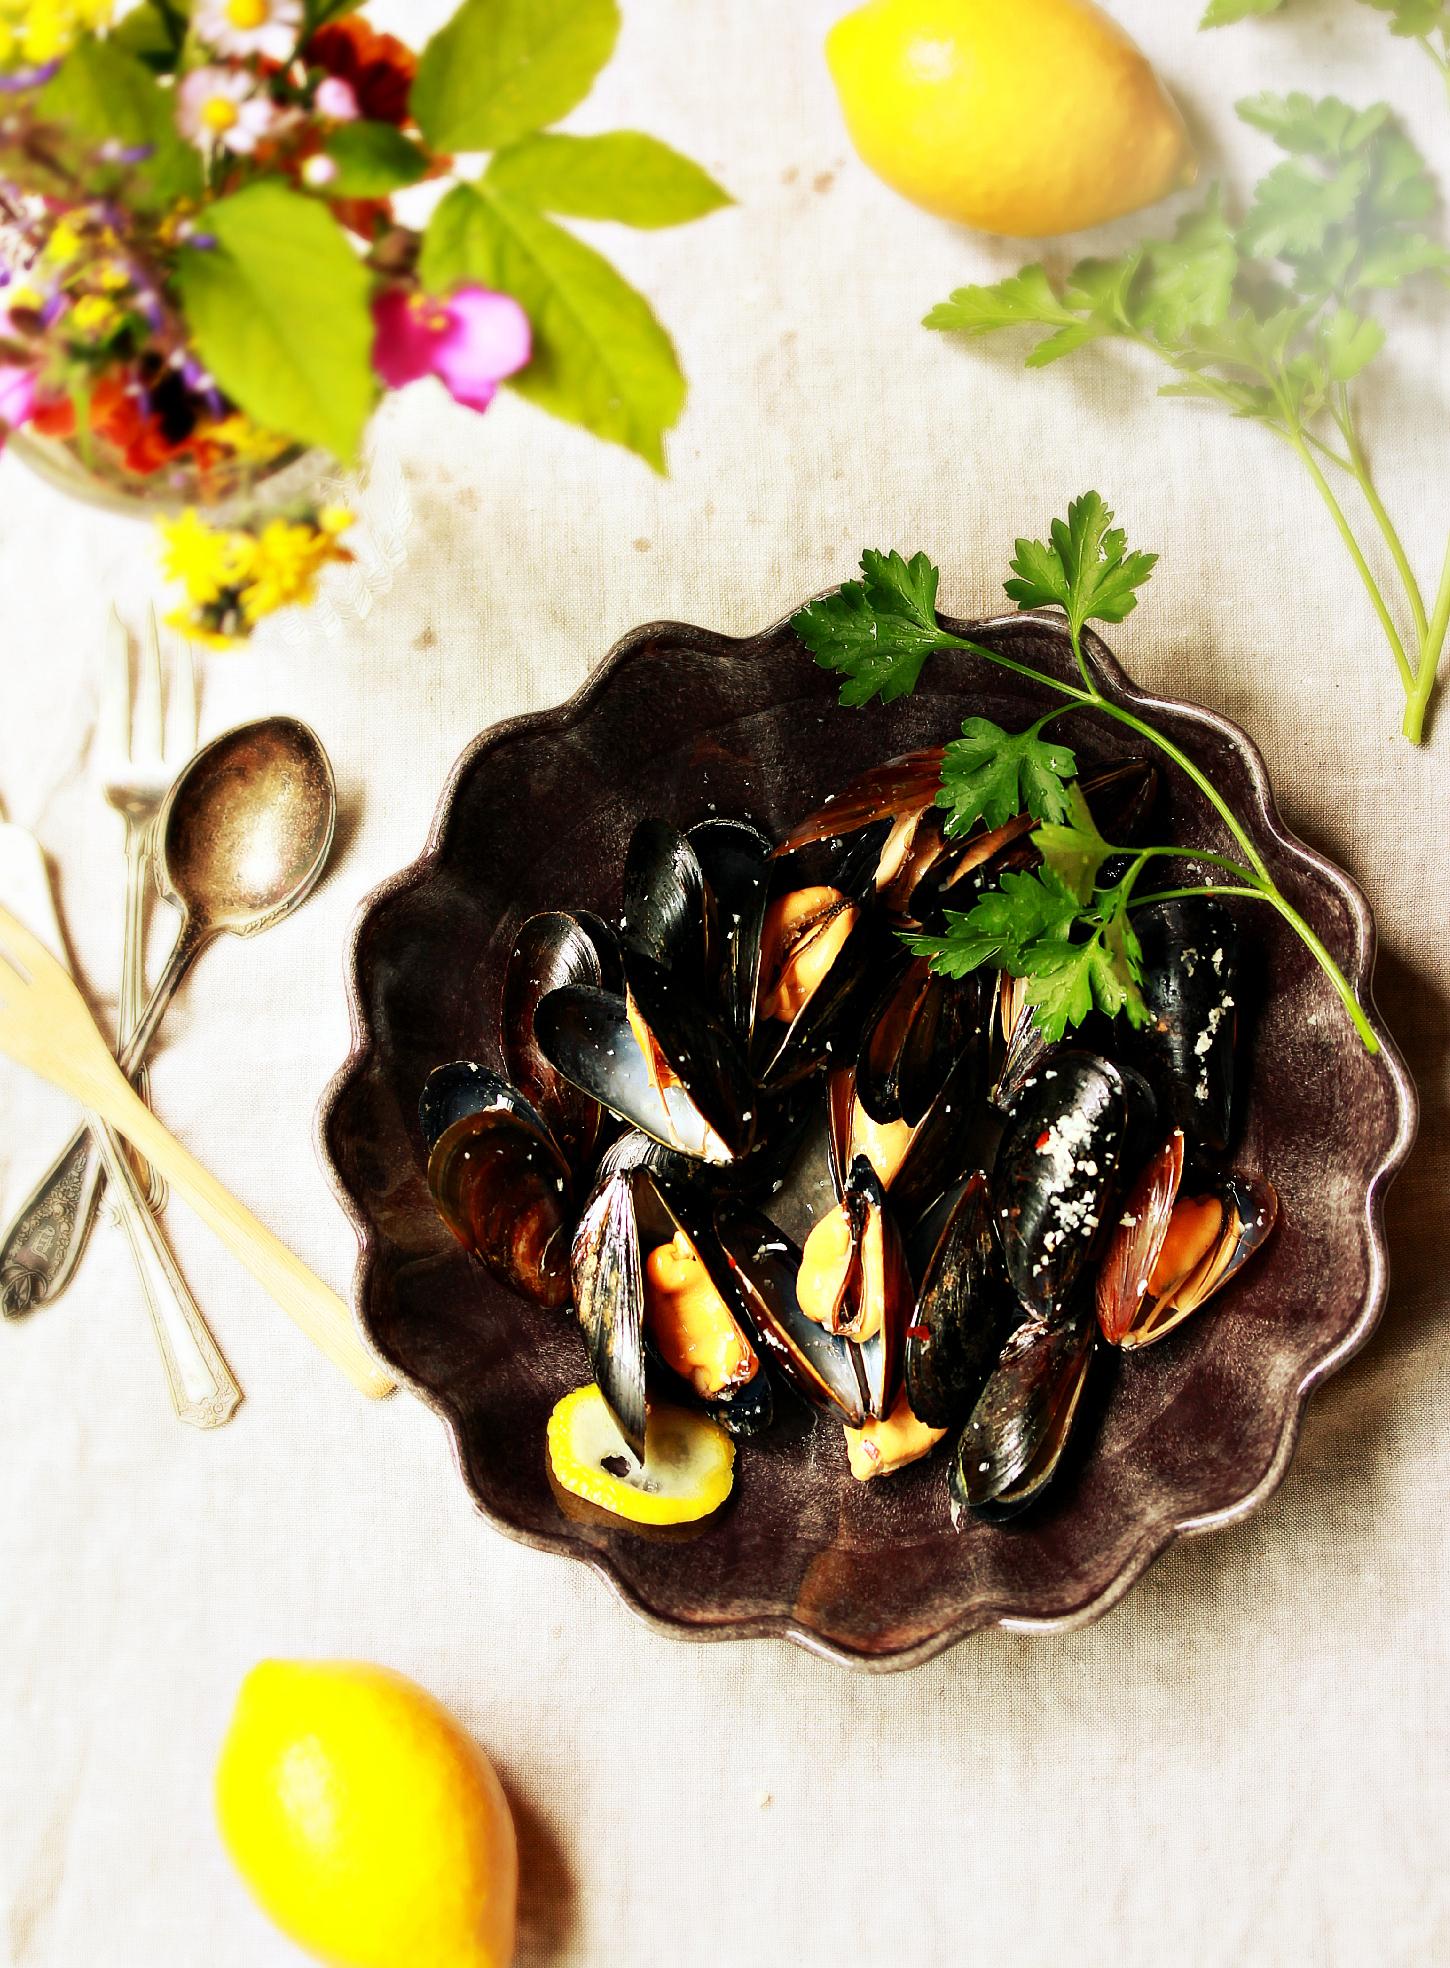 Steamed Mussels Dinner Scene by Dena T Bray